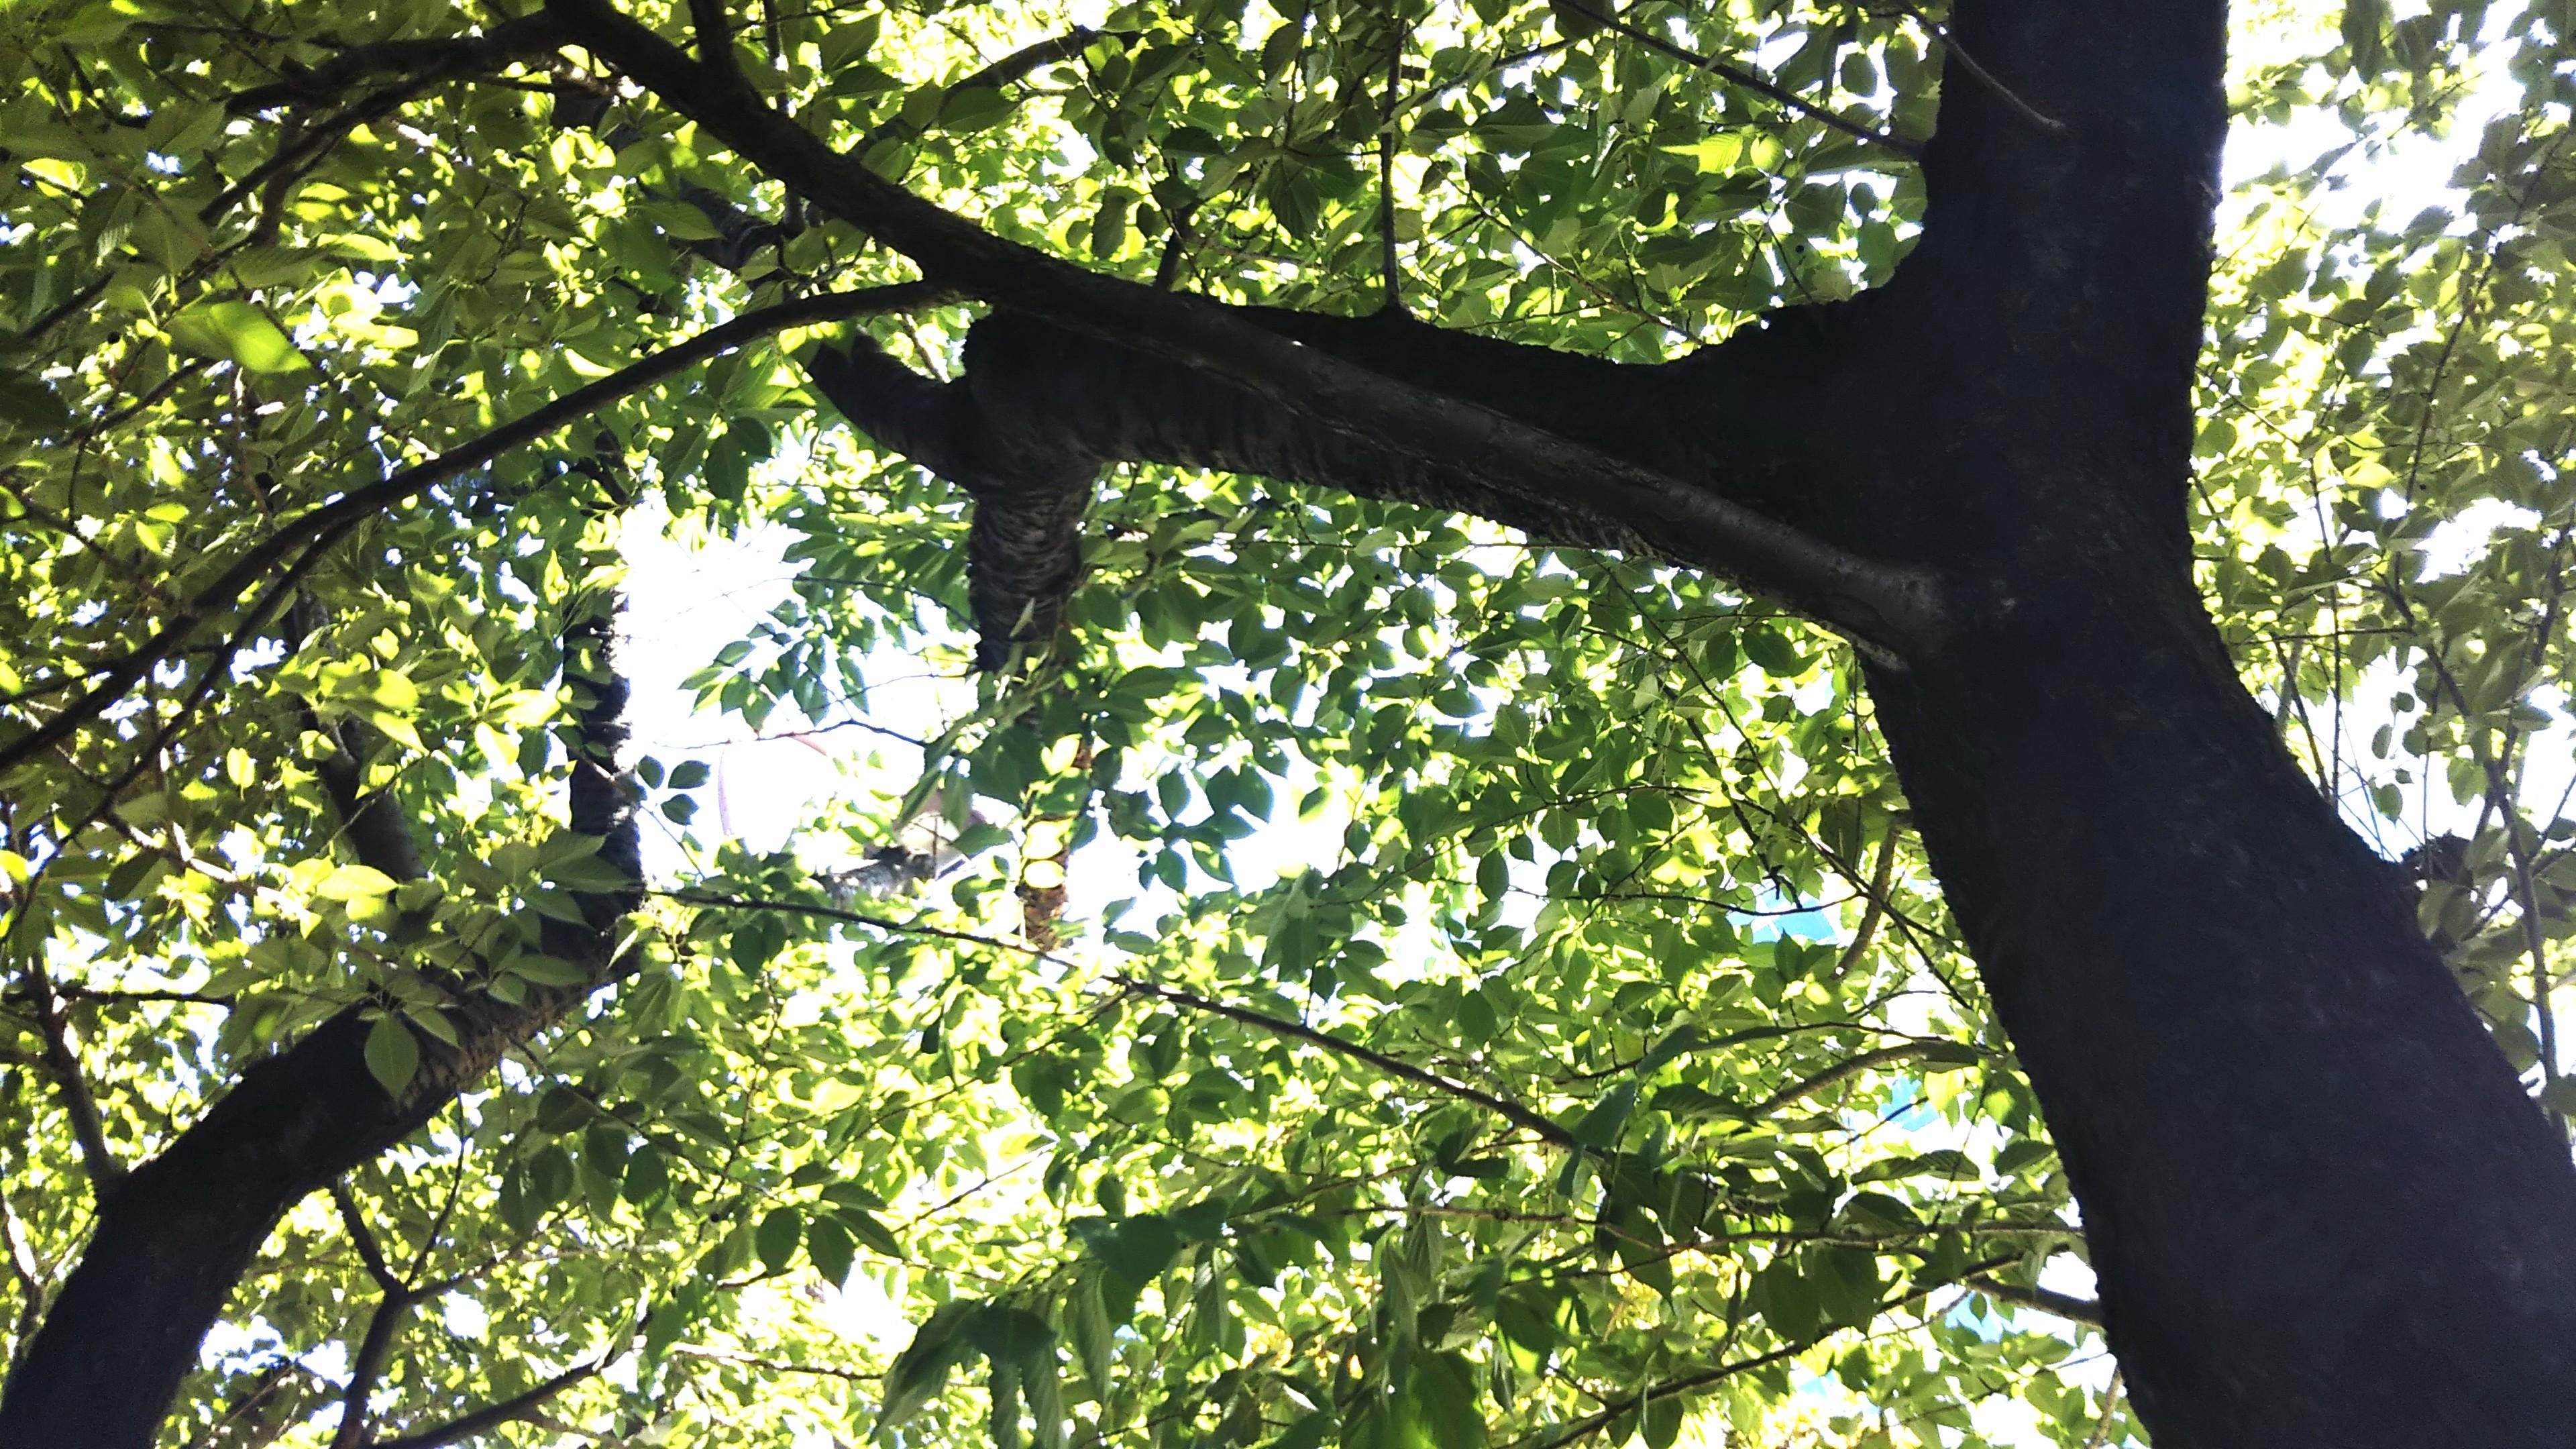 桜の葉っぱを透かした空